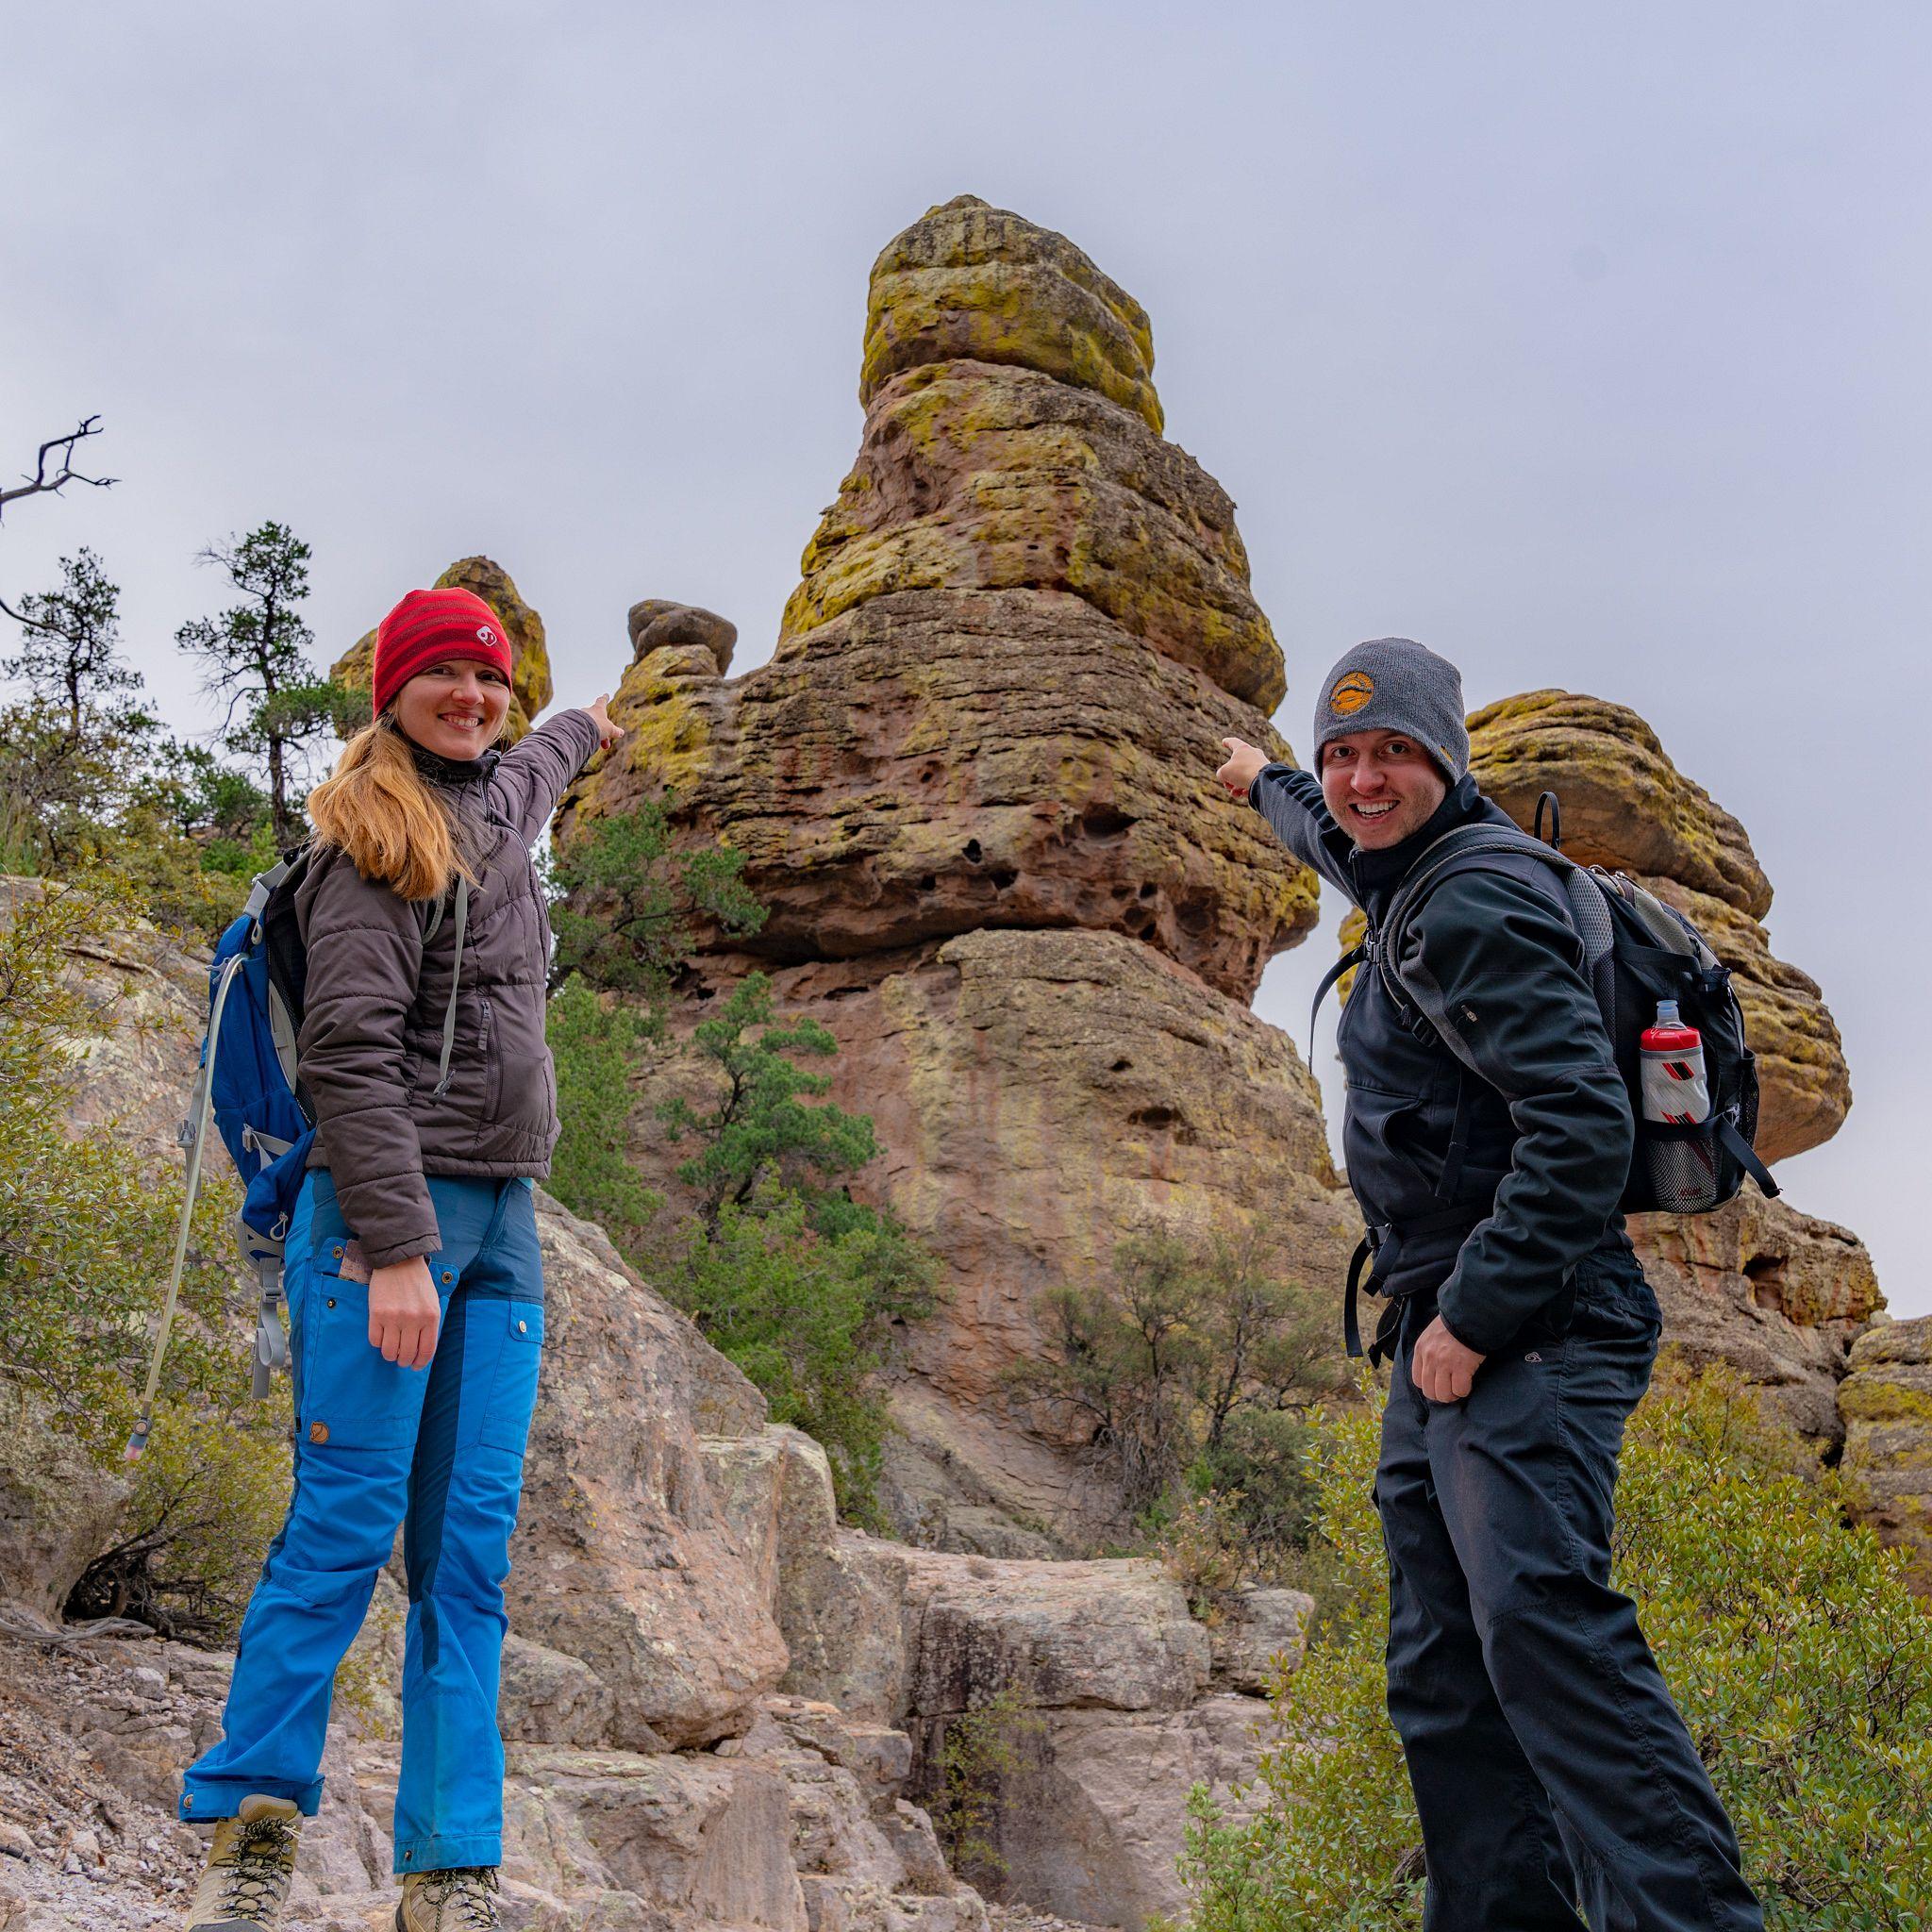 Pinnacles at Chiricahua